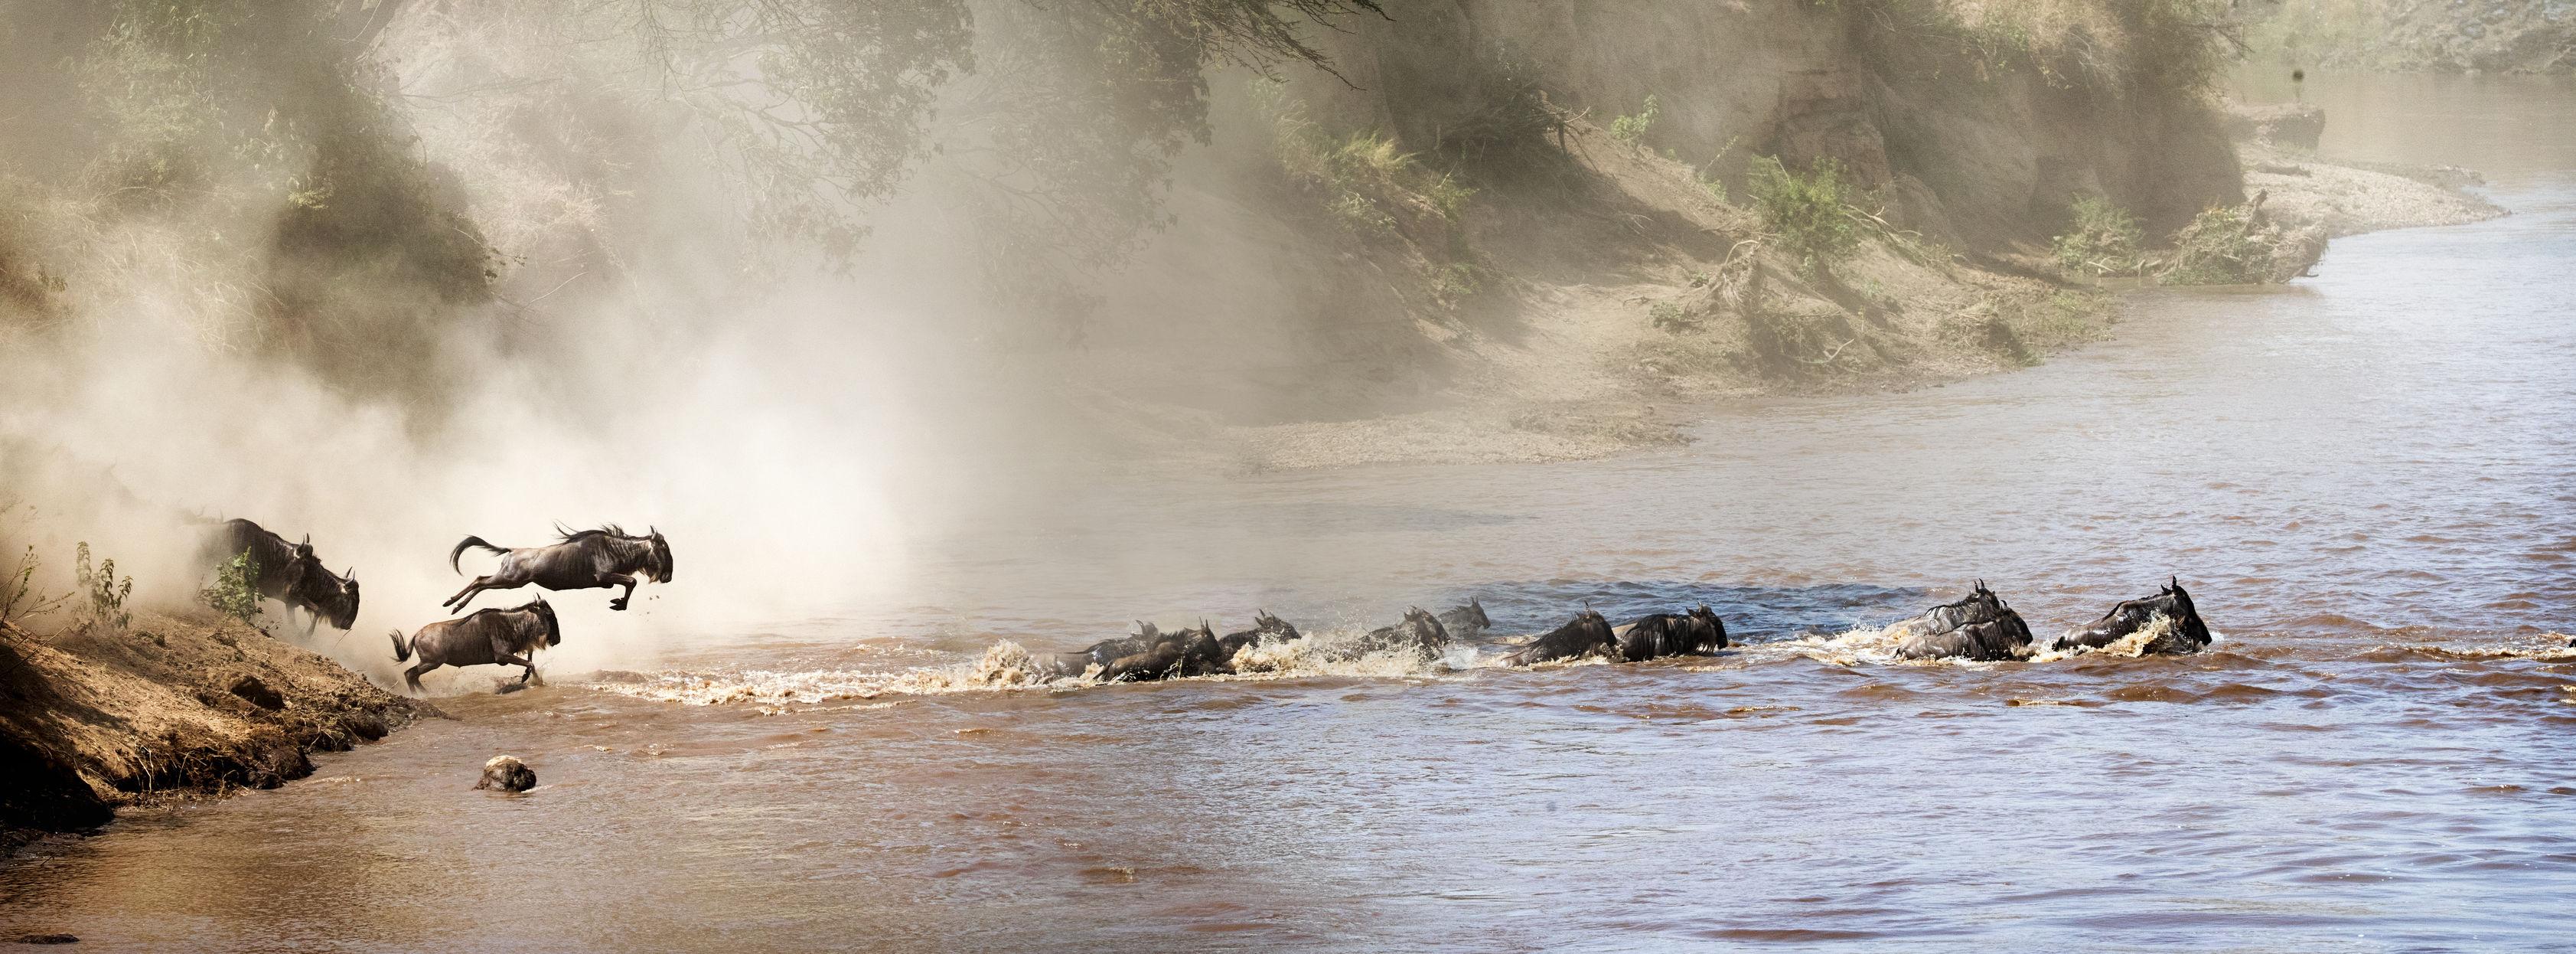 wildebeest-migration-serengeti